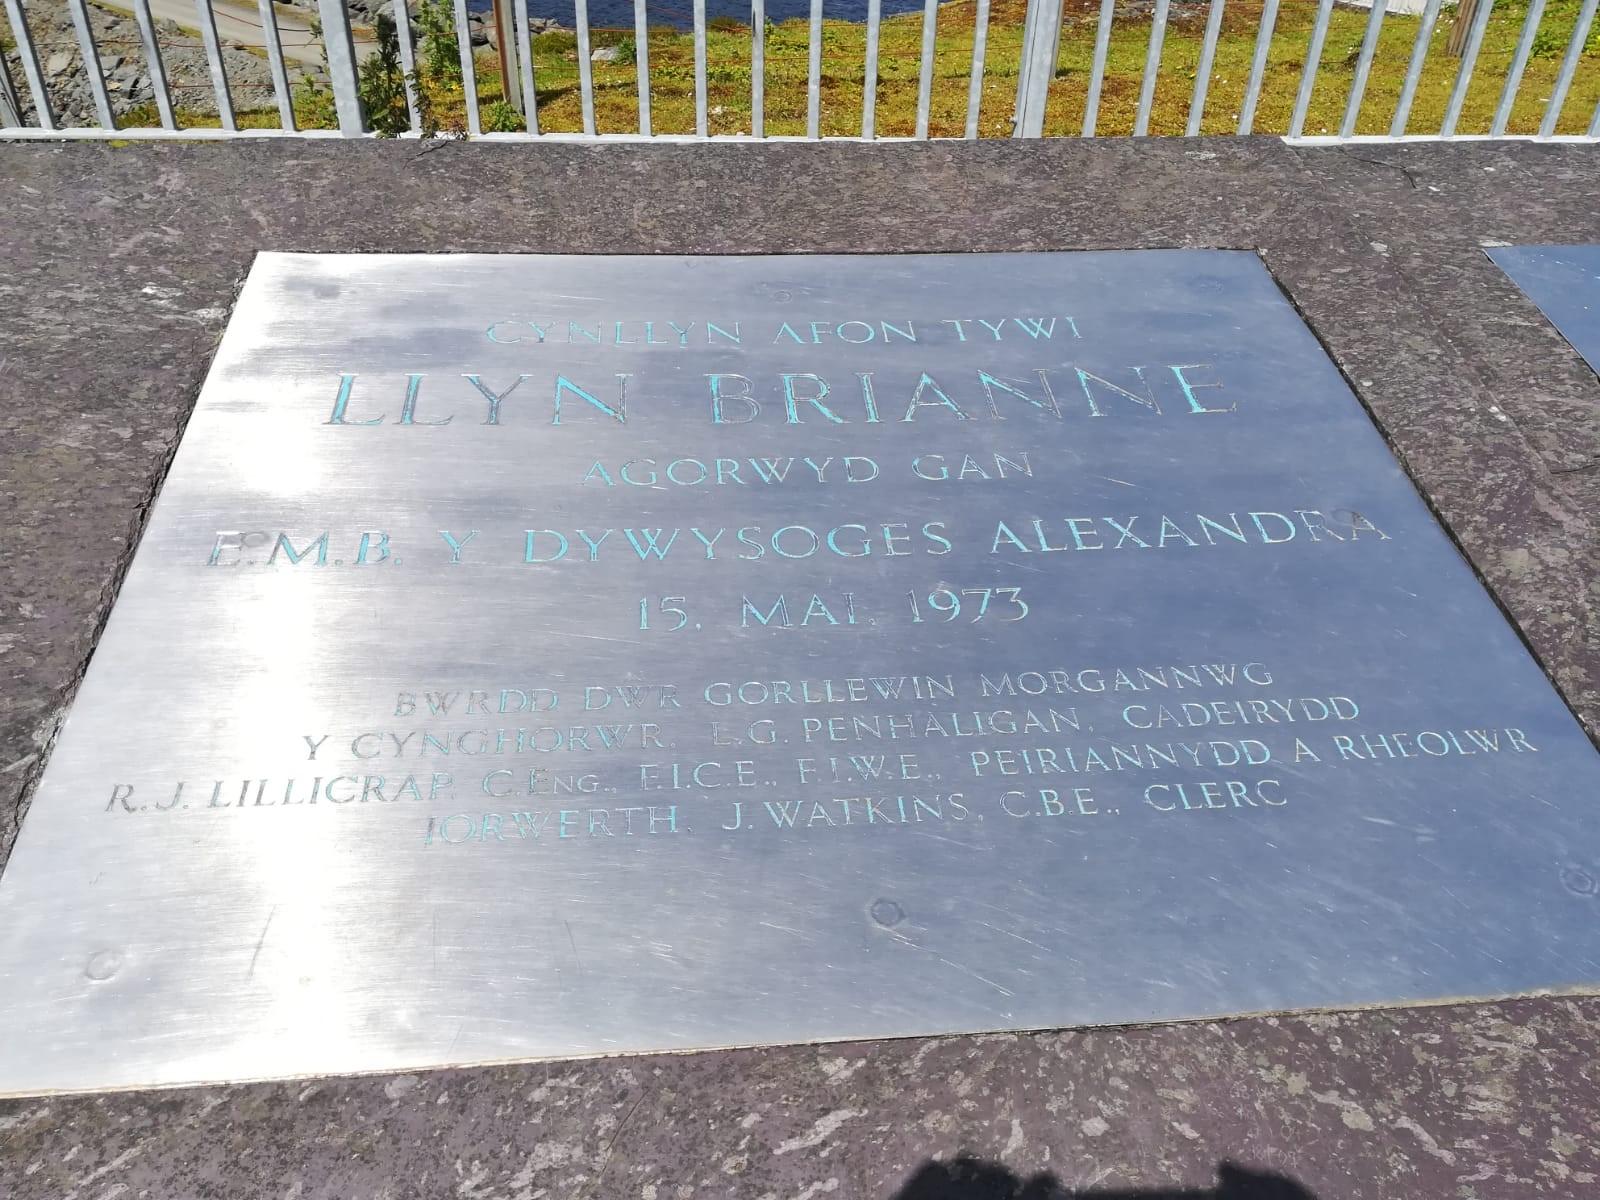 Llyn Brianne Name Plate